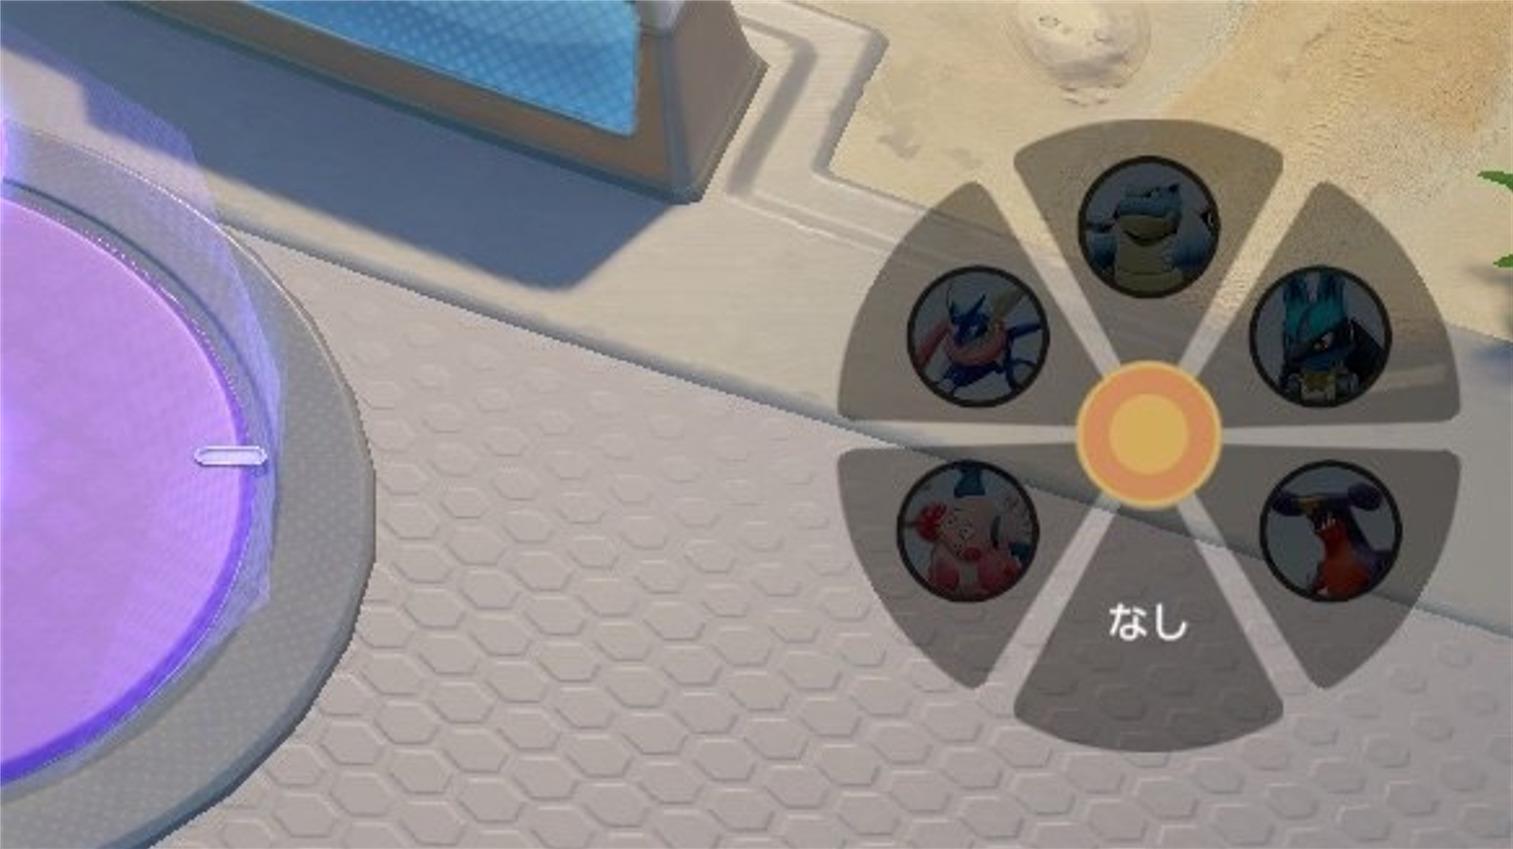 【ポケモンユナイト】画面に敵アイコンを表示する方法【Pokémon UNITE】